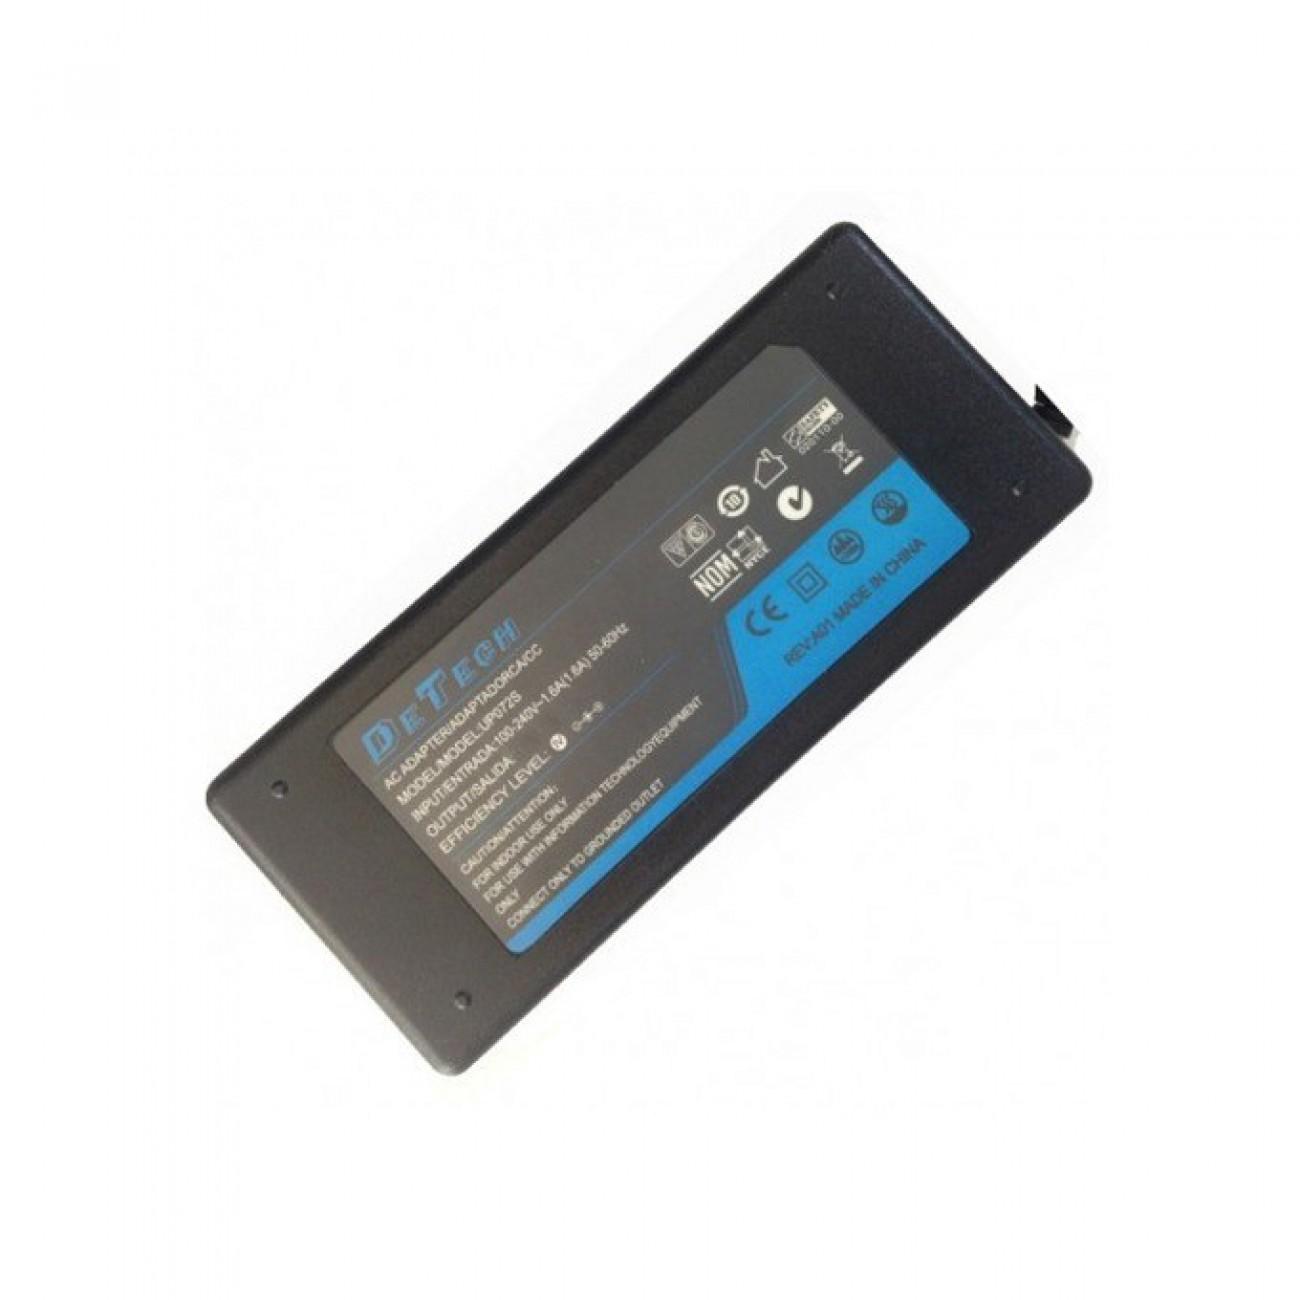 Захранване (заместител) за лаптопи Dell, 19V/1.58A/30W, жак (5.5 x 1.7) в Захранвания за Лаптопи -    Alleop